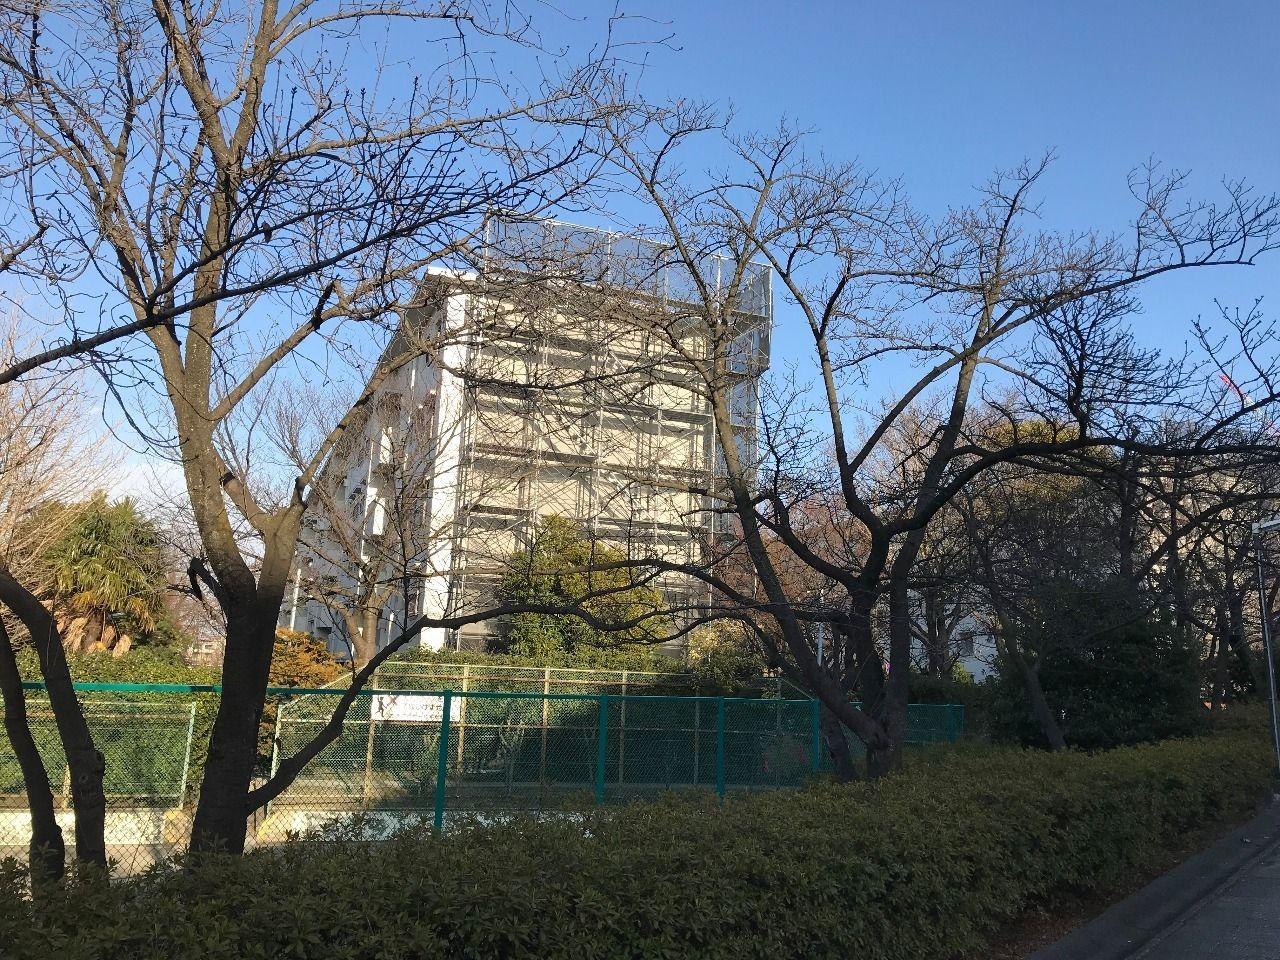 大規模修繕工事が始まった、たまプラーザ団地1-3号棟(美しが丘1丁目17)の様子です。